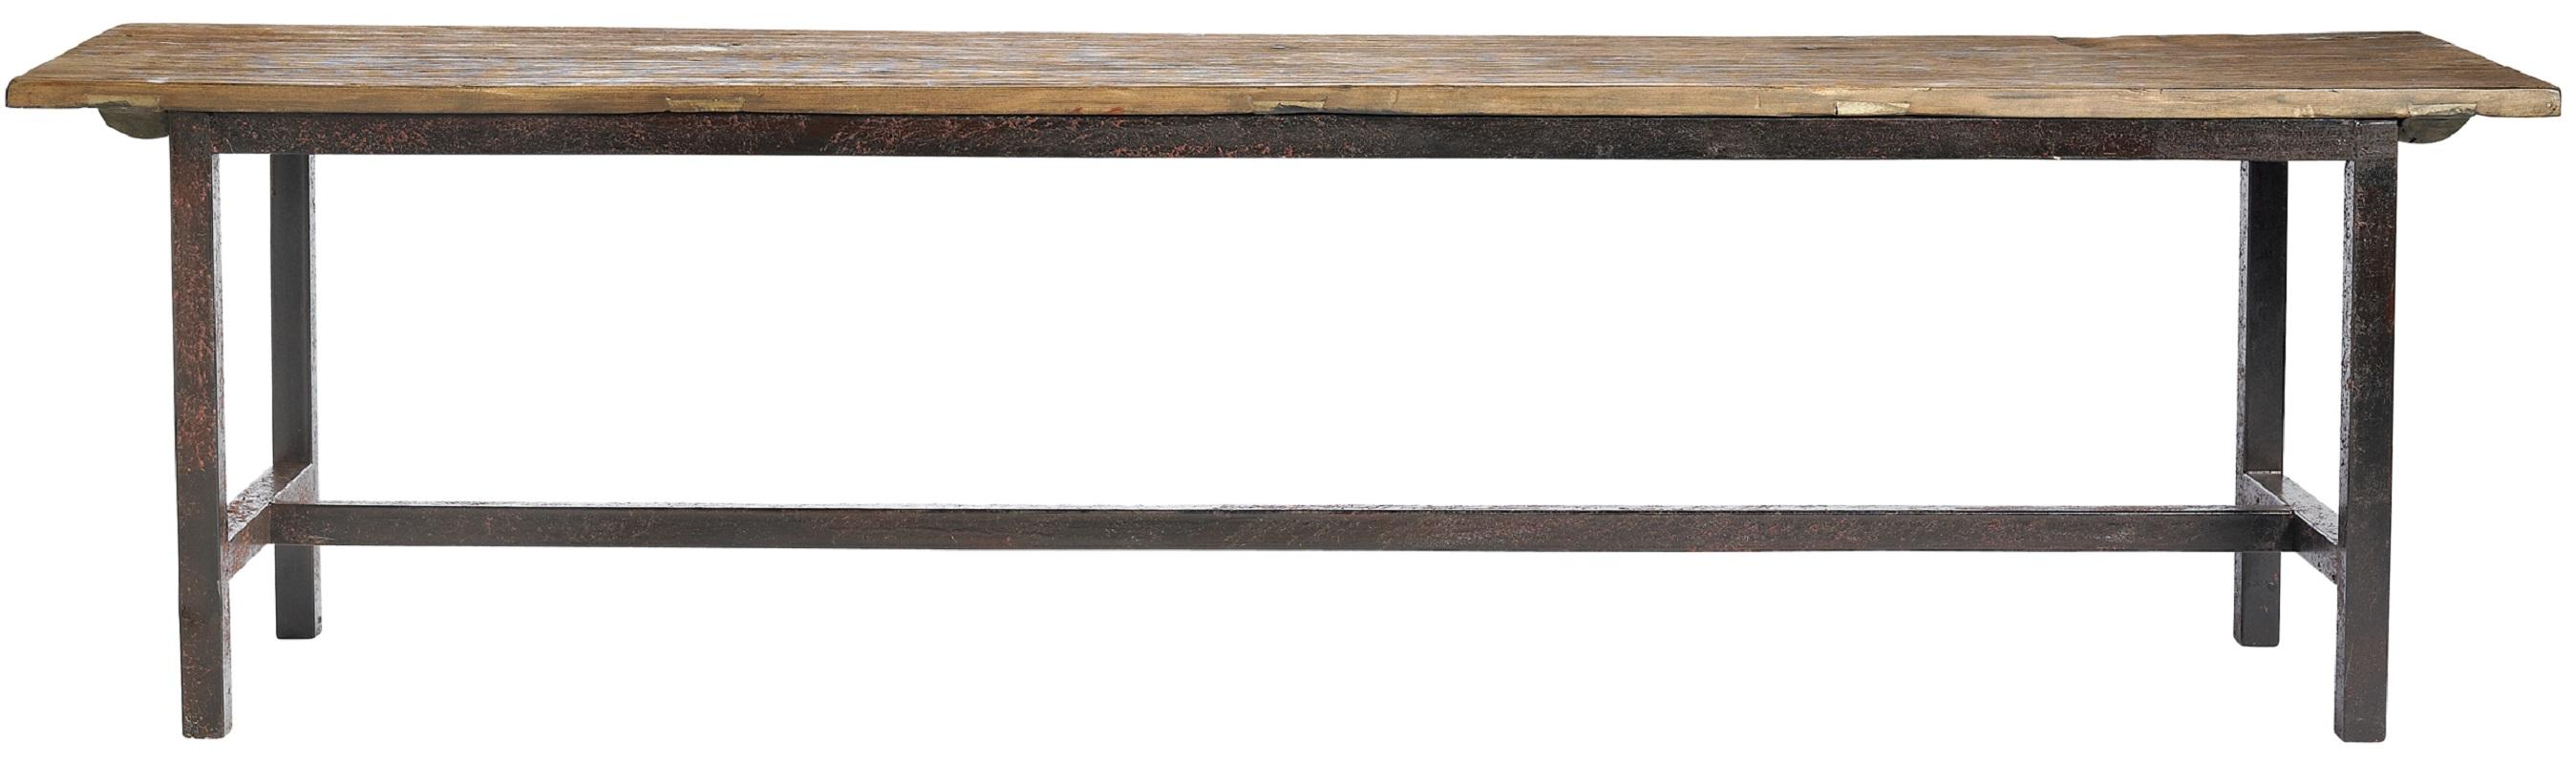 Nordal - raw bænk - længde 170 cm fra Nordal fra unoliving.com